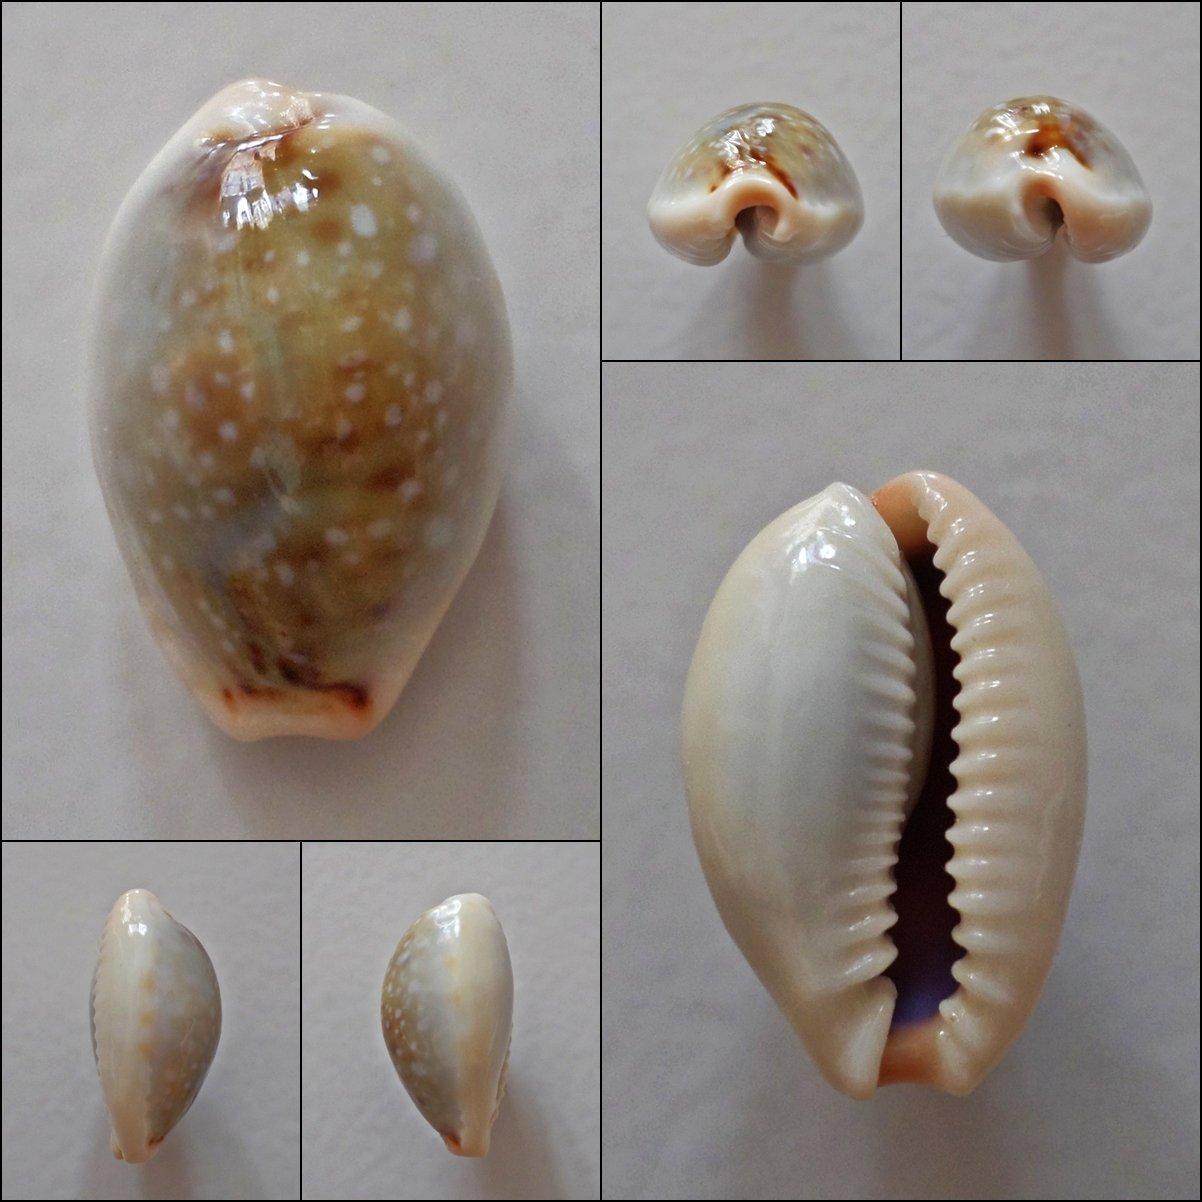 AEB11 - Erosaria boivinii 21.46mm